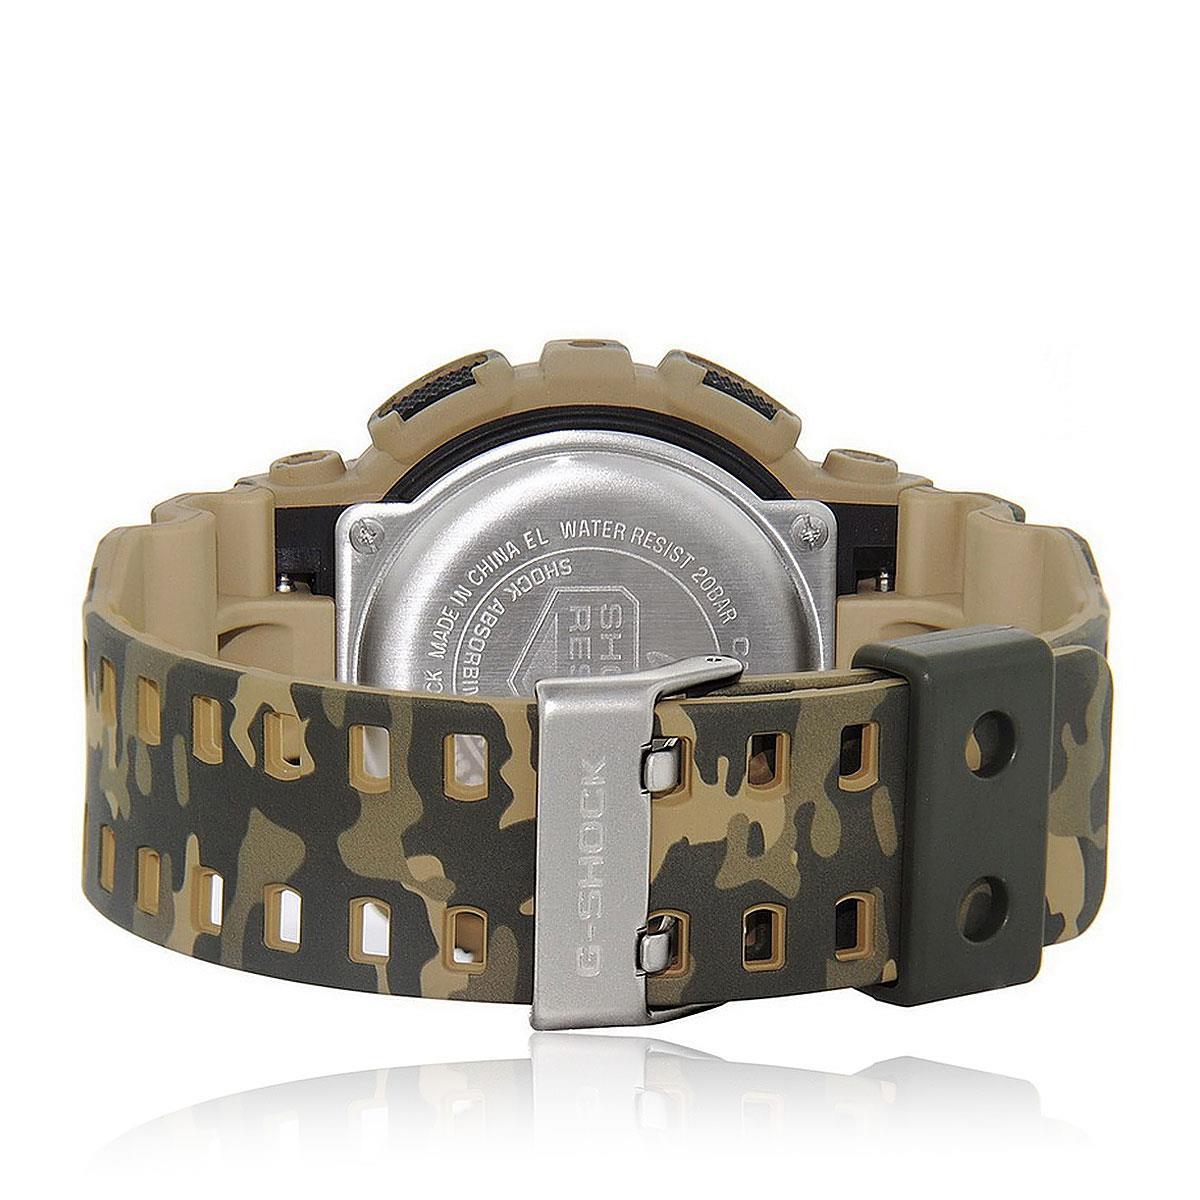 b1a7e664164 Relógio Masculino Casio G-Shock Digital GD-120CM-5DR Camuflado